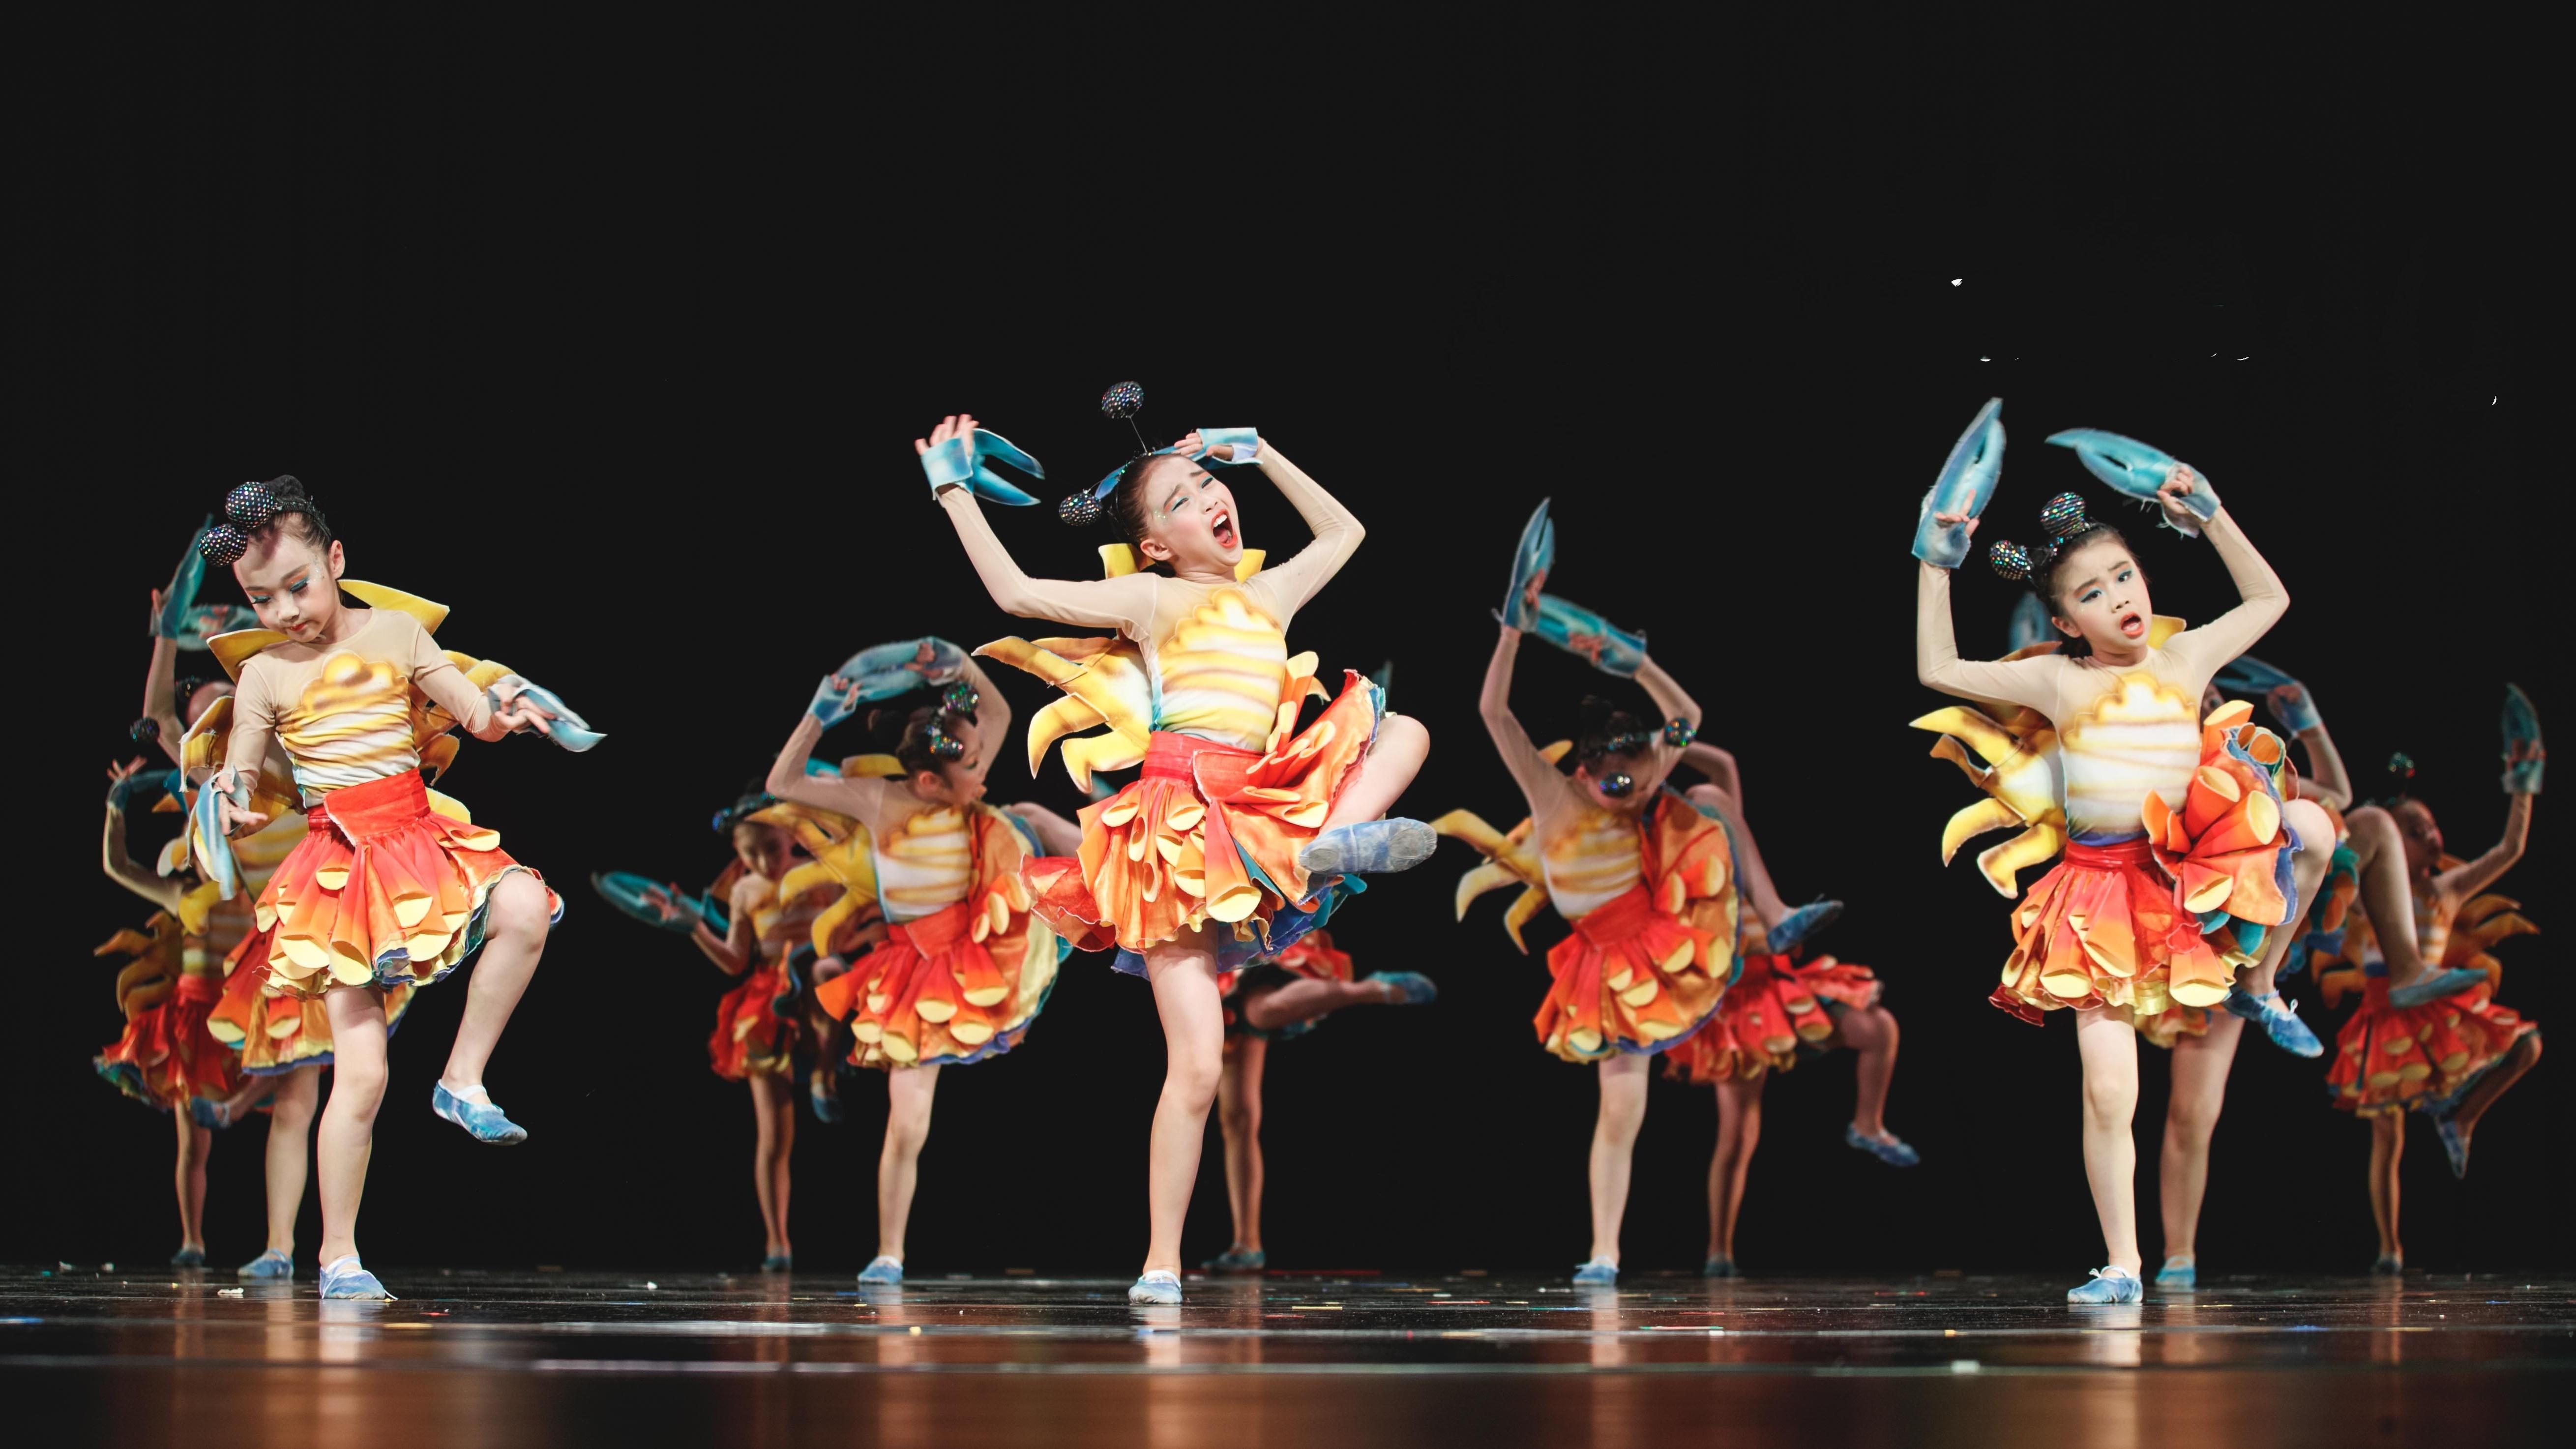 蟹蟹狂想曲儿童舞蹈演出服第九届小荷风采少儿舞蹈演出合唱表演服